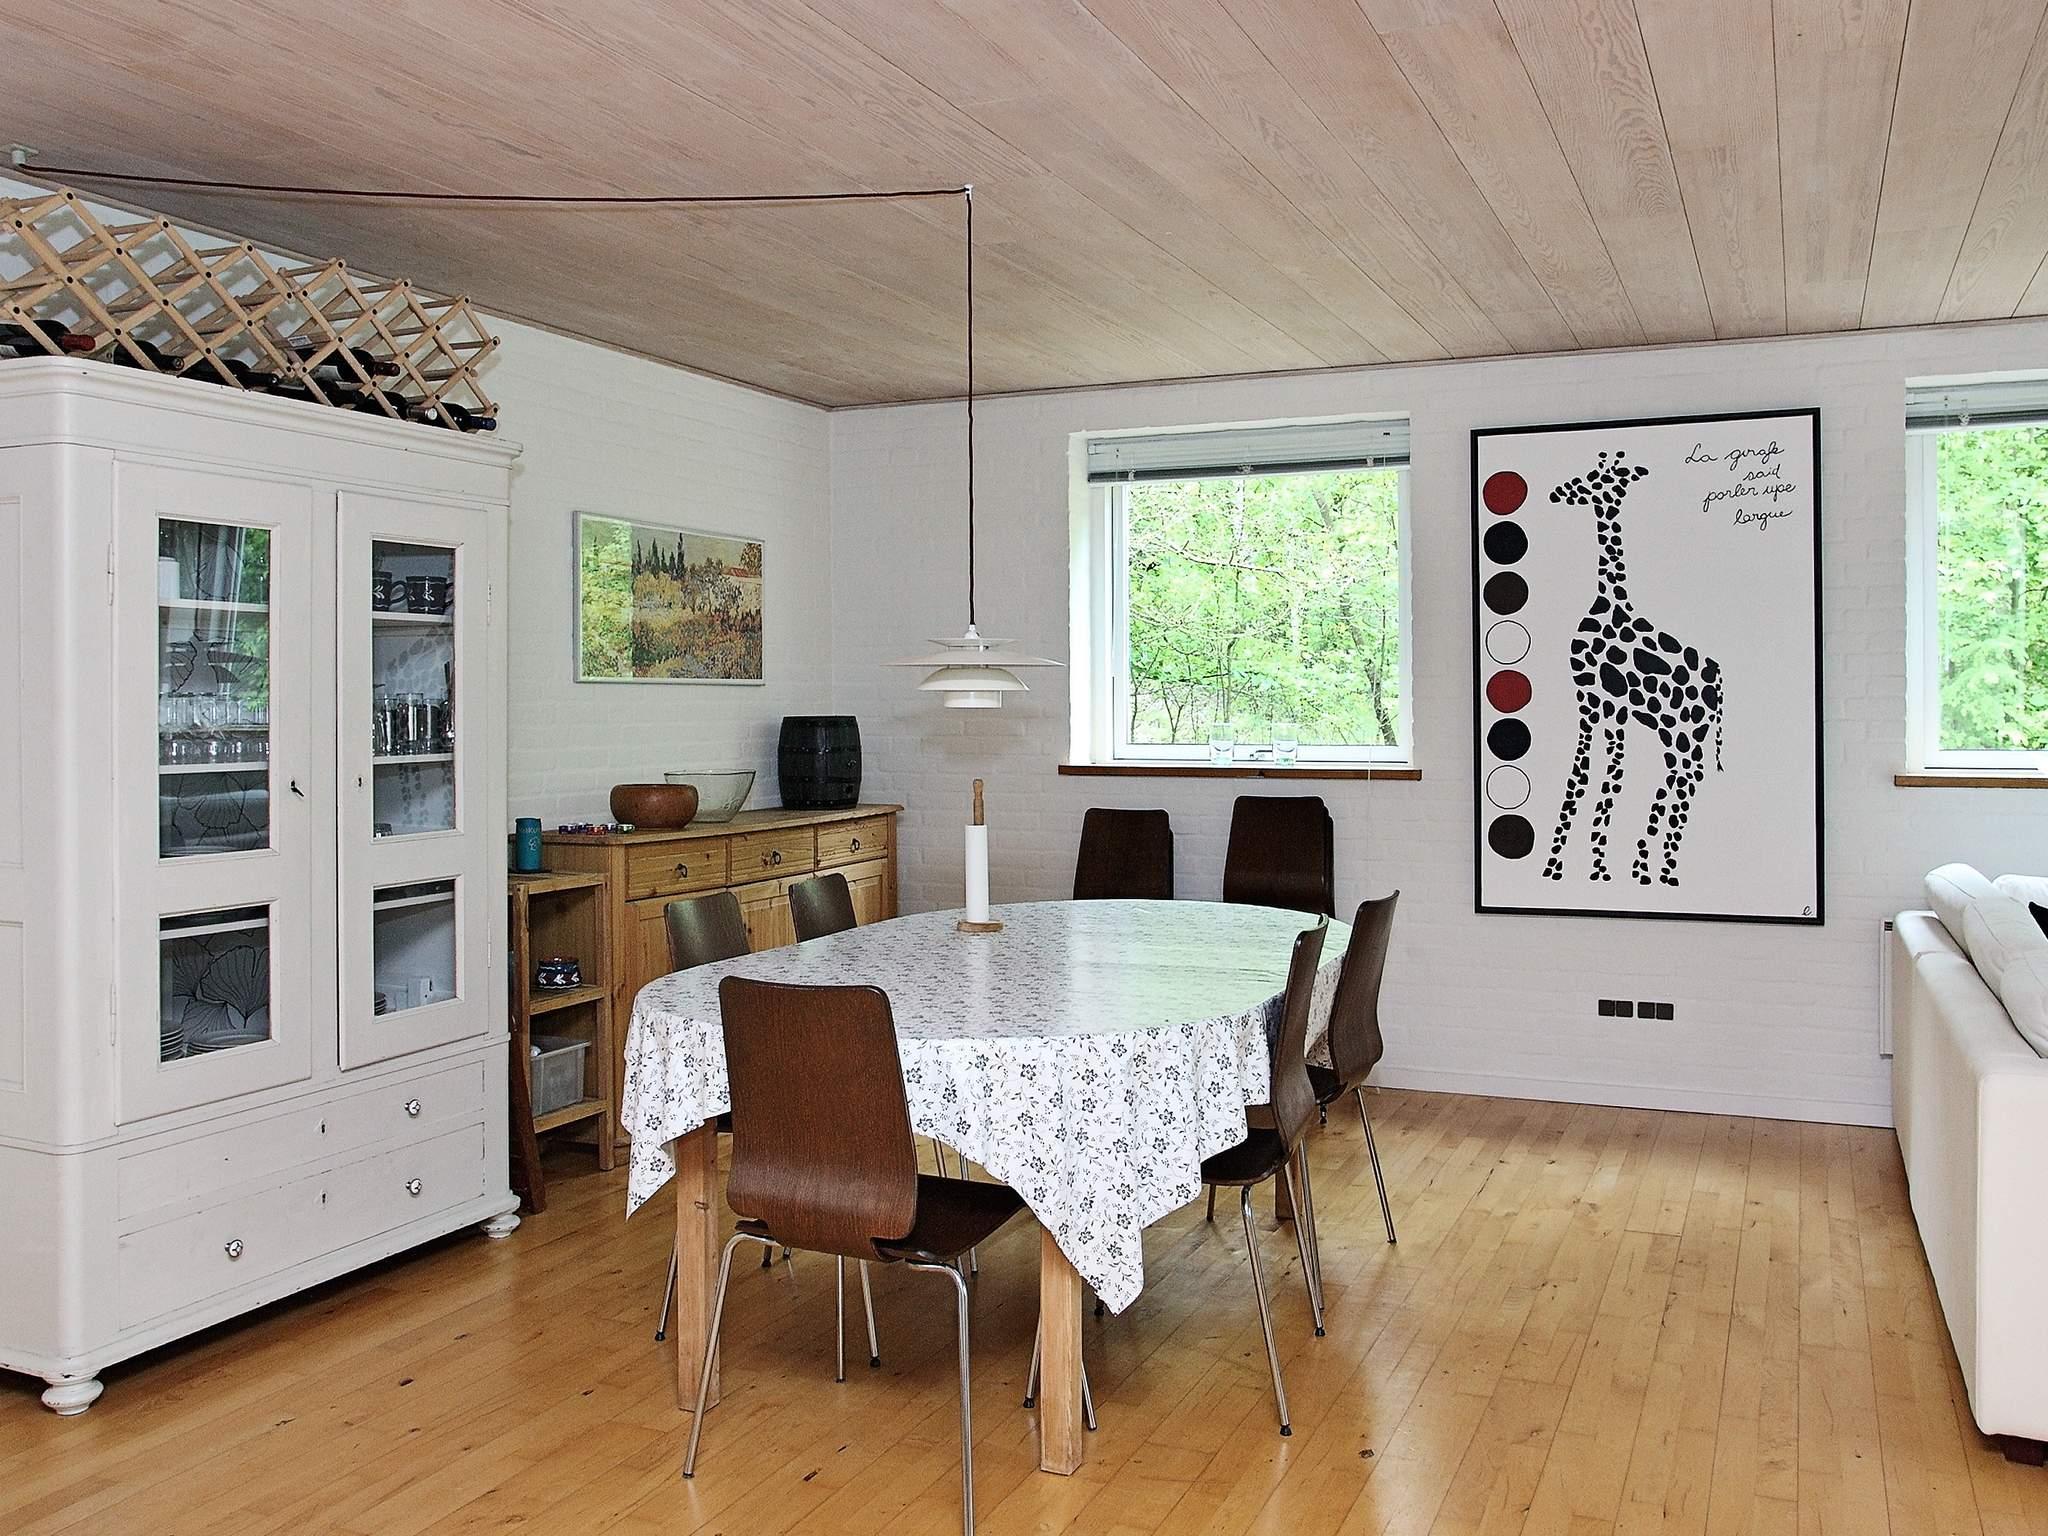 Ferienhaus Lynderup (953846), Lynderup, , Ostjütland, Dänemark, Bild 3